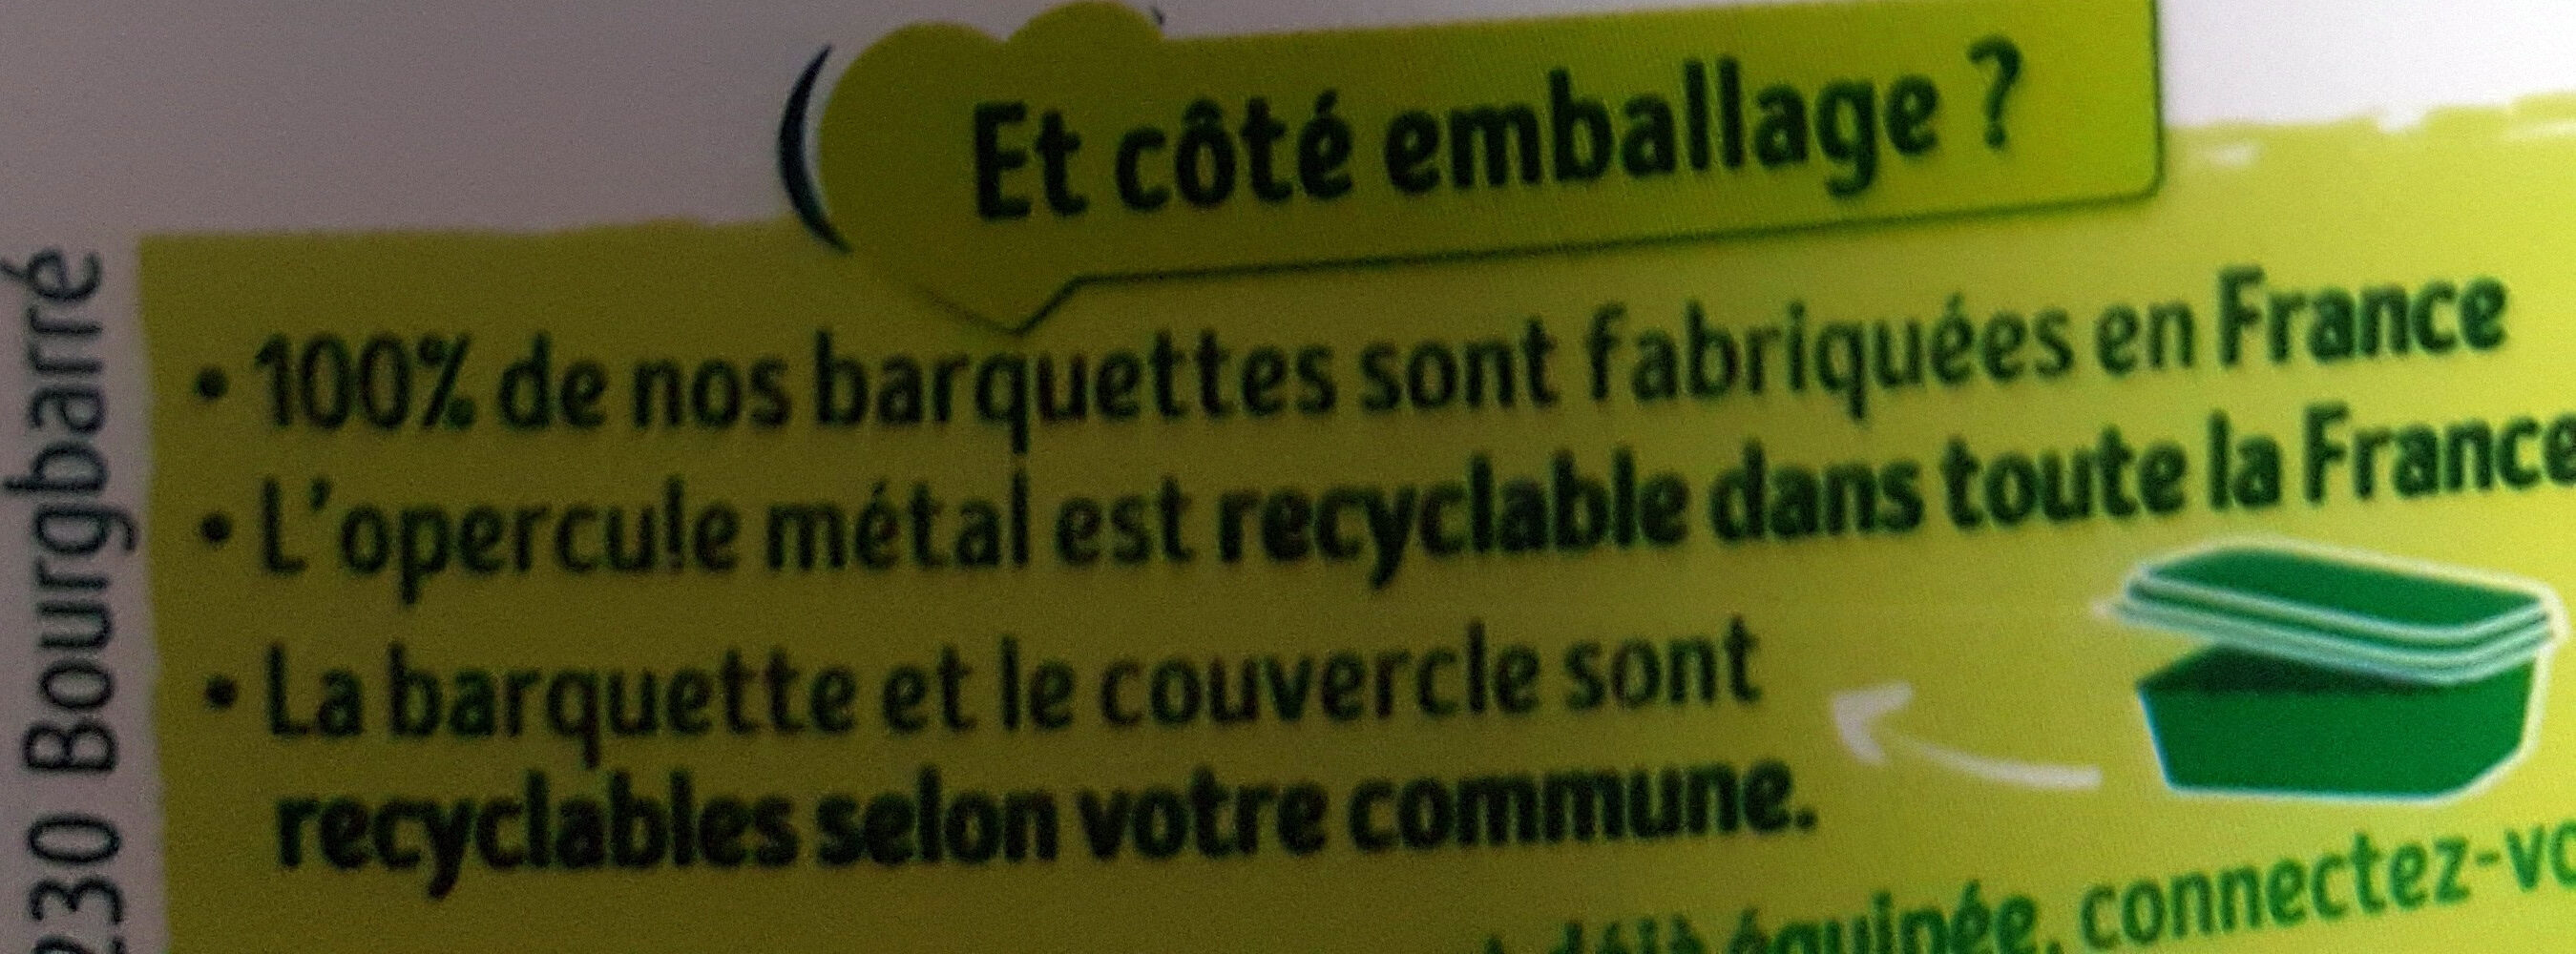 - Instruction de recyclage et/ou information d'emballage - fr